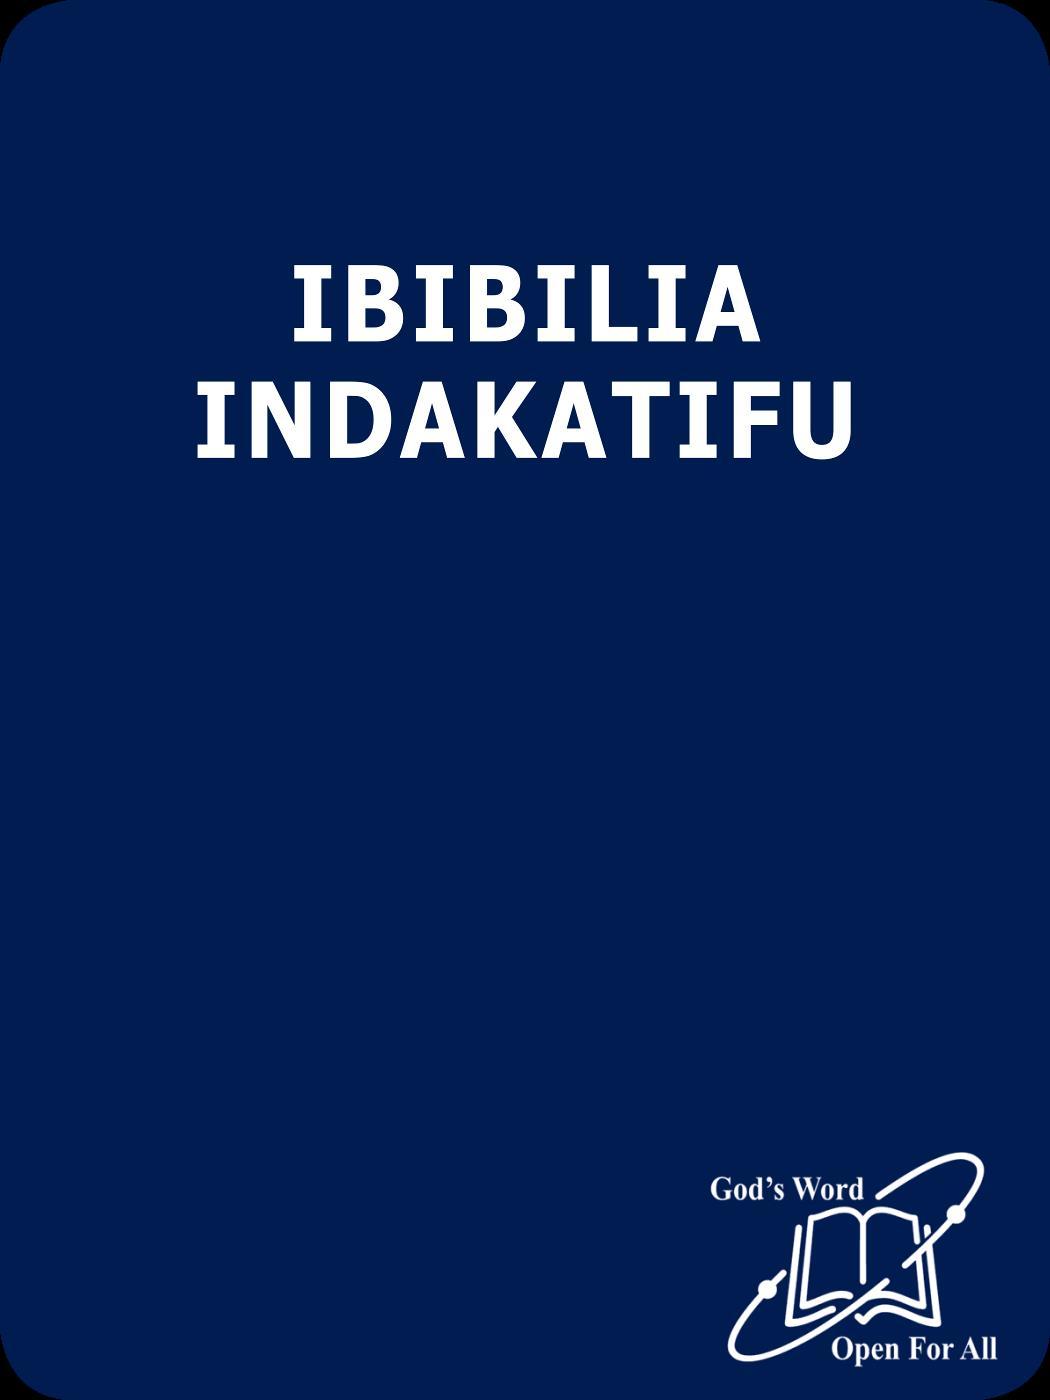 Oluluyia Bible